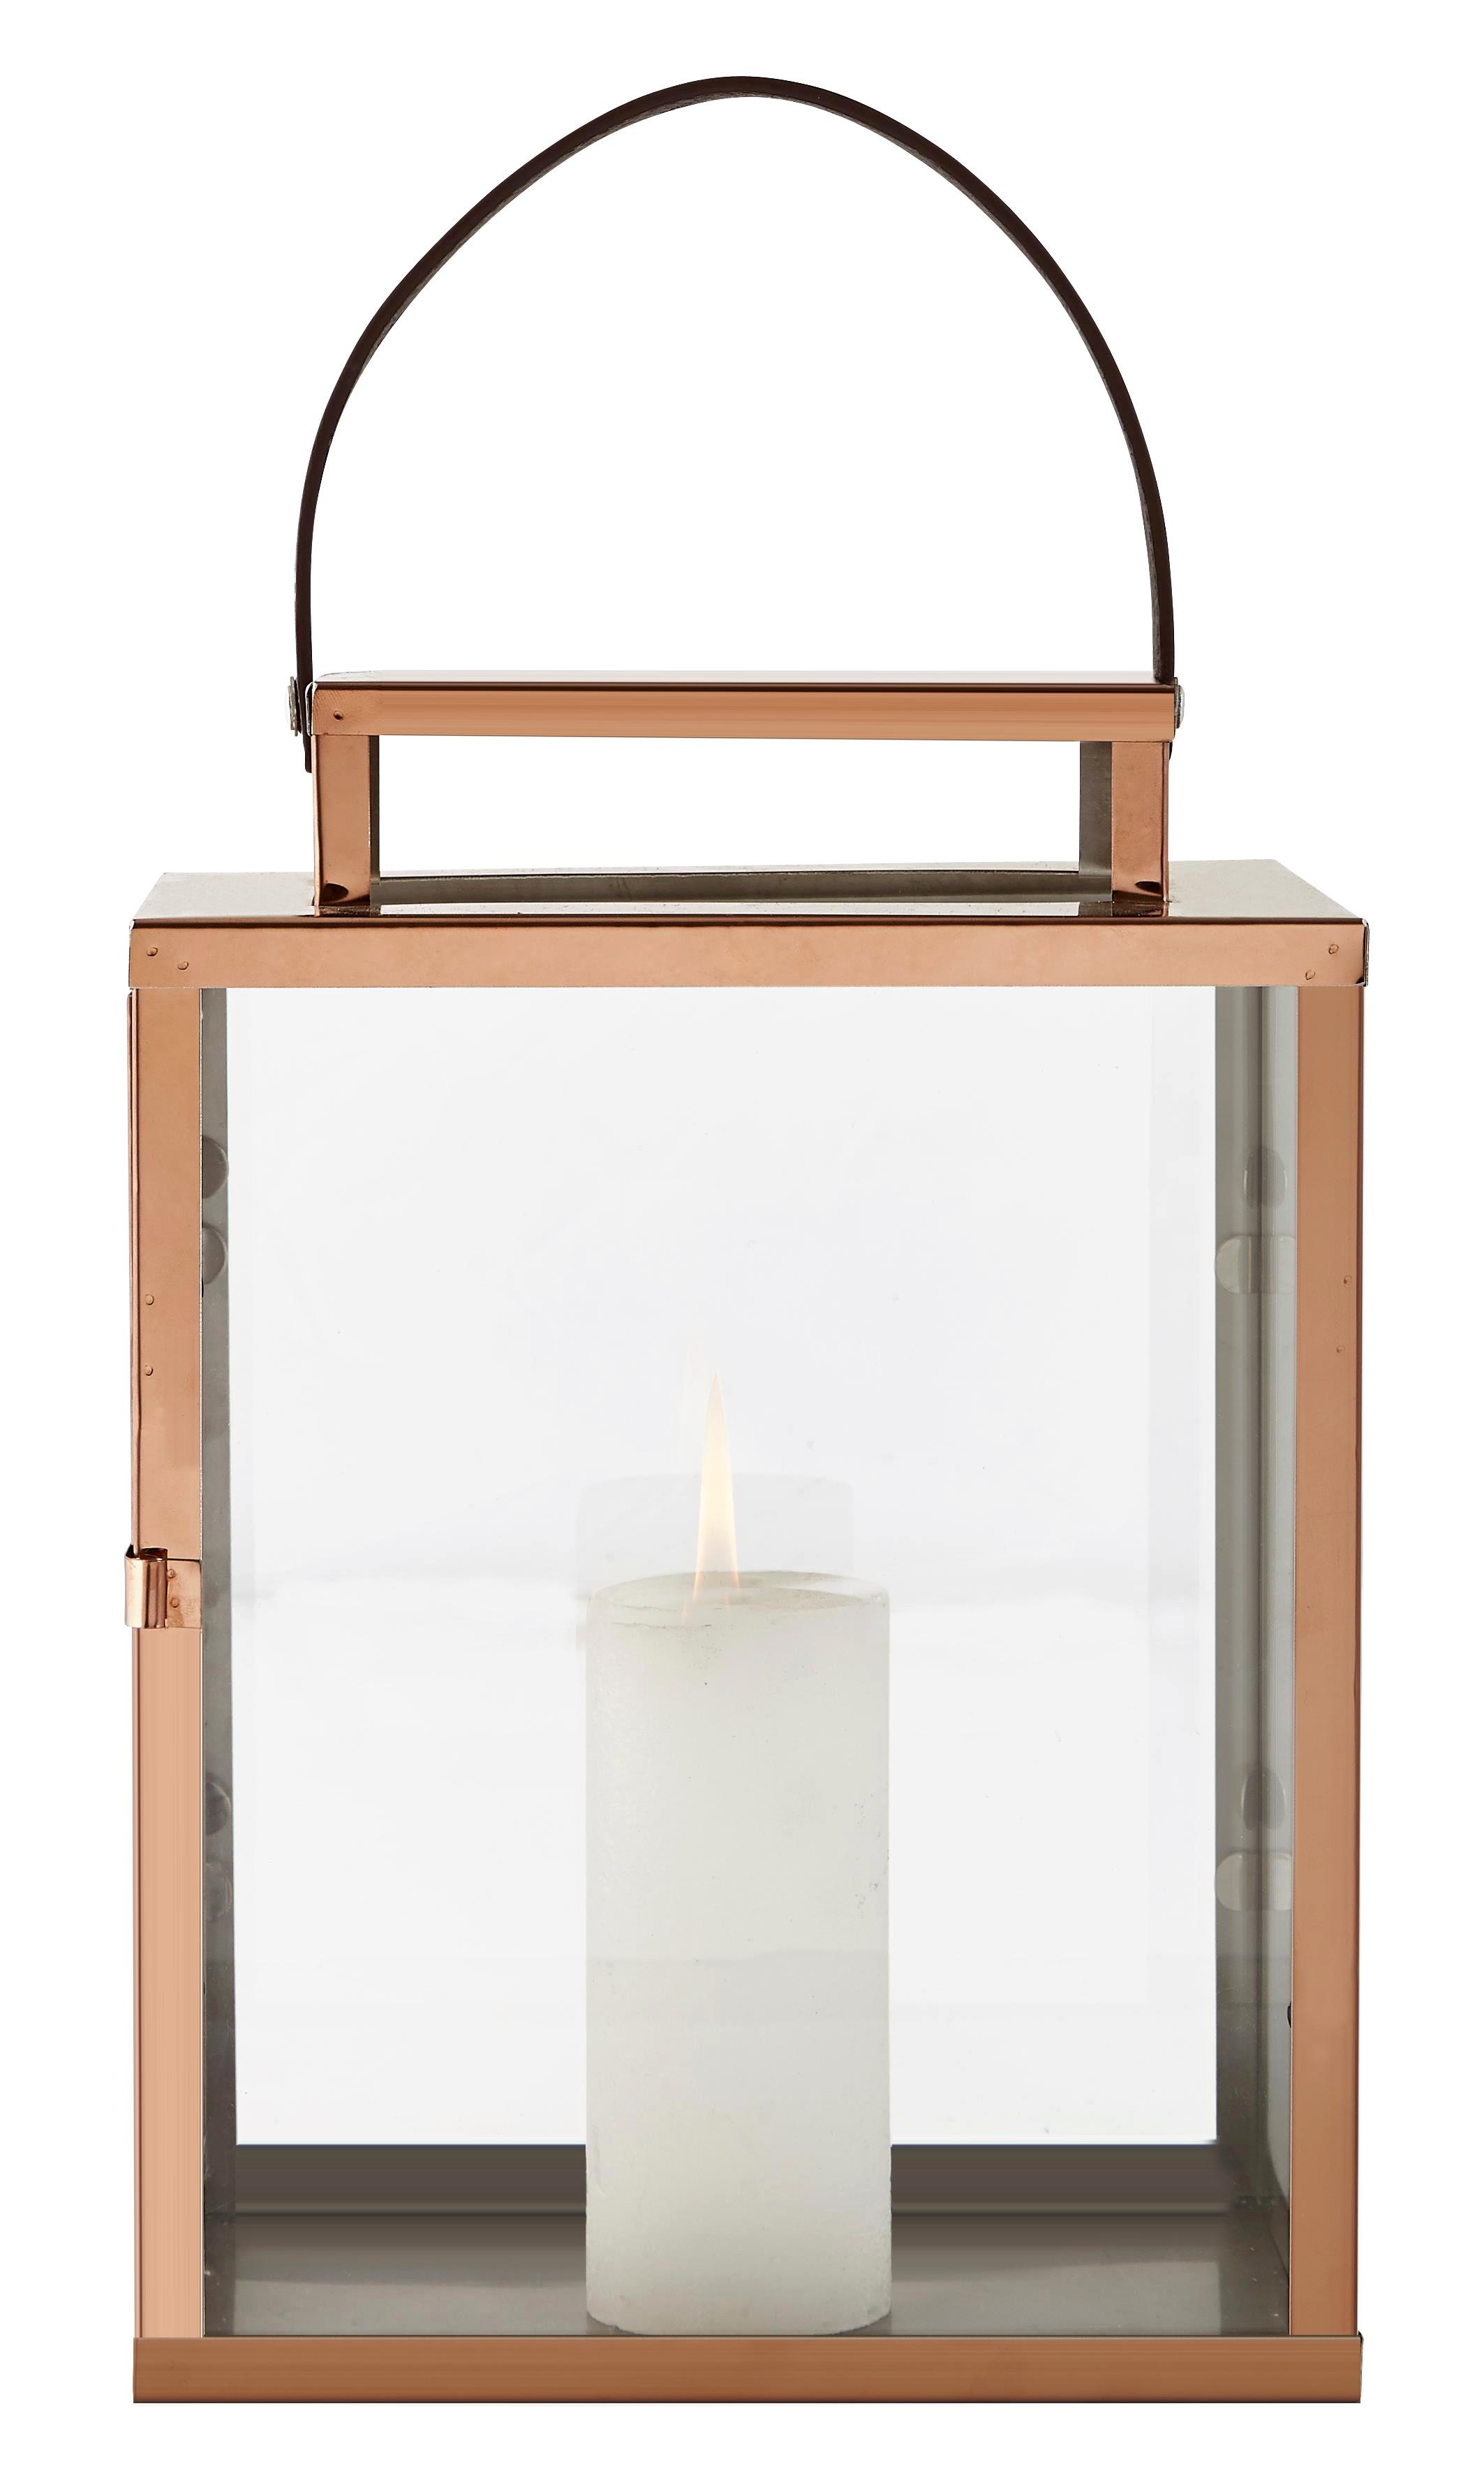 kupfer laterne edelstahl glas mit griff t r metall. Black Bedroom Furniture Sets. Home Design Ideas